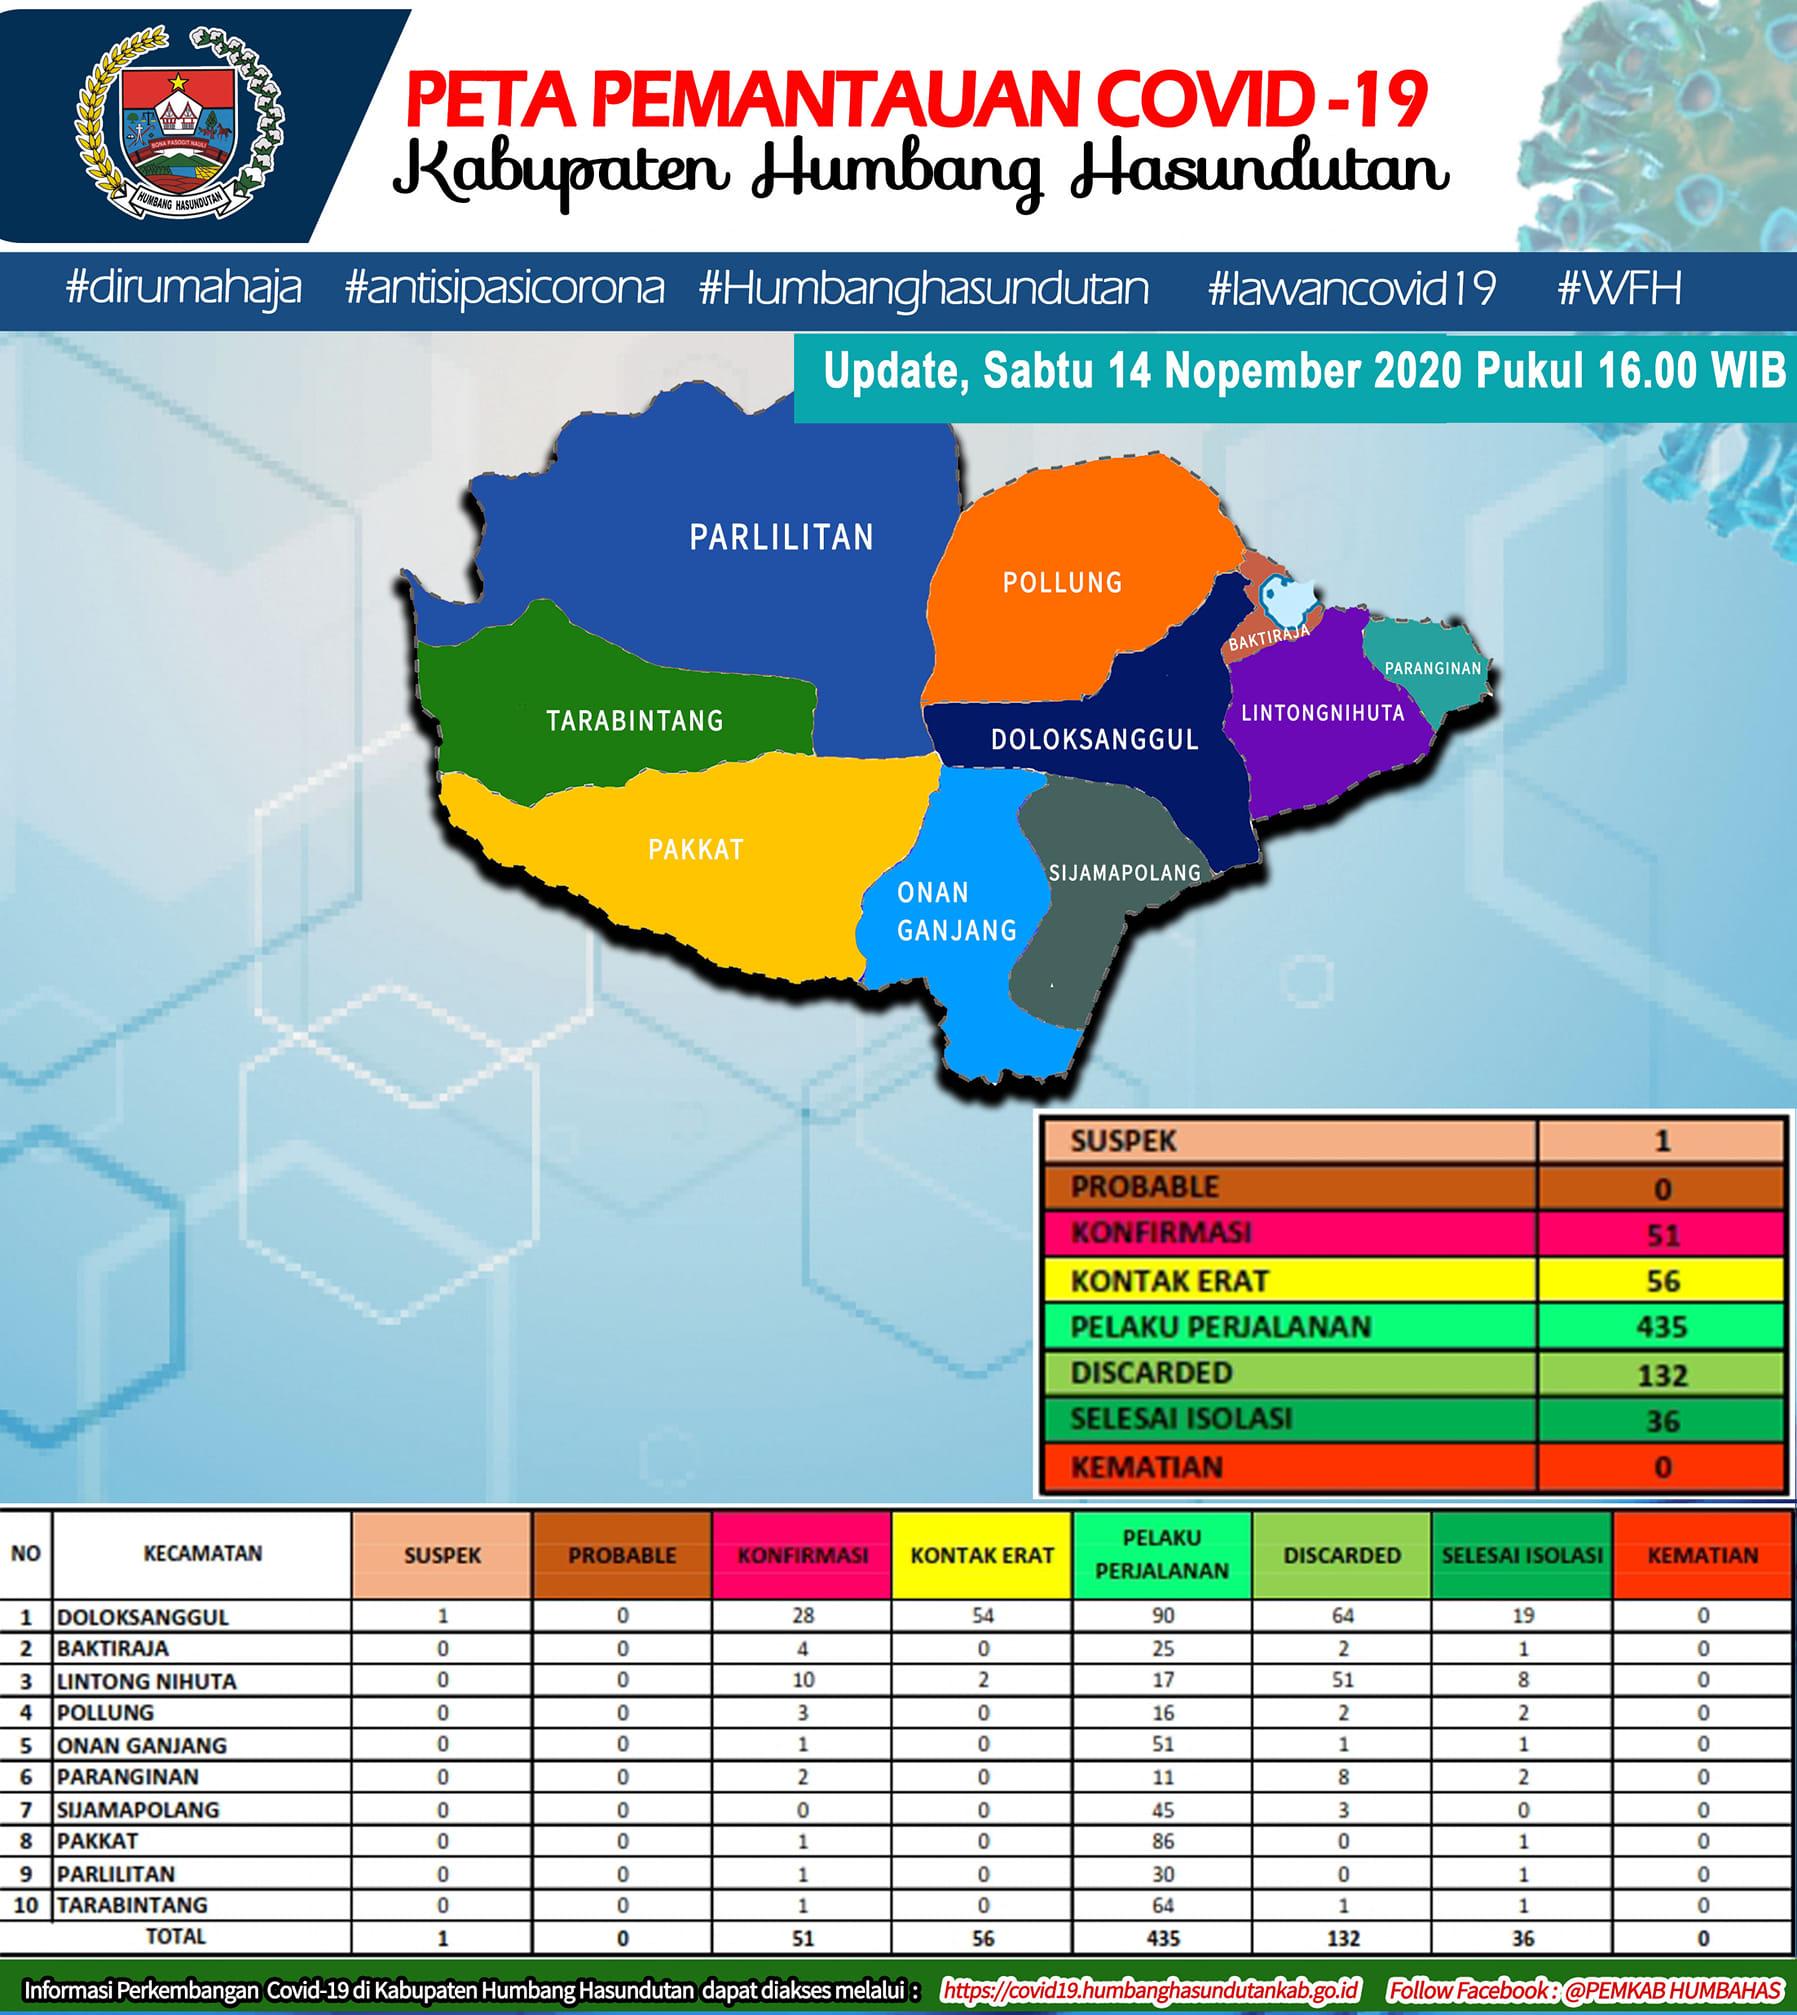 Peta Pemantauan Covid-19 Pemerintah Kabupaten Humbang Hasundutan Tanggal 14 November 2020 s/d pukul 16.00 WIB